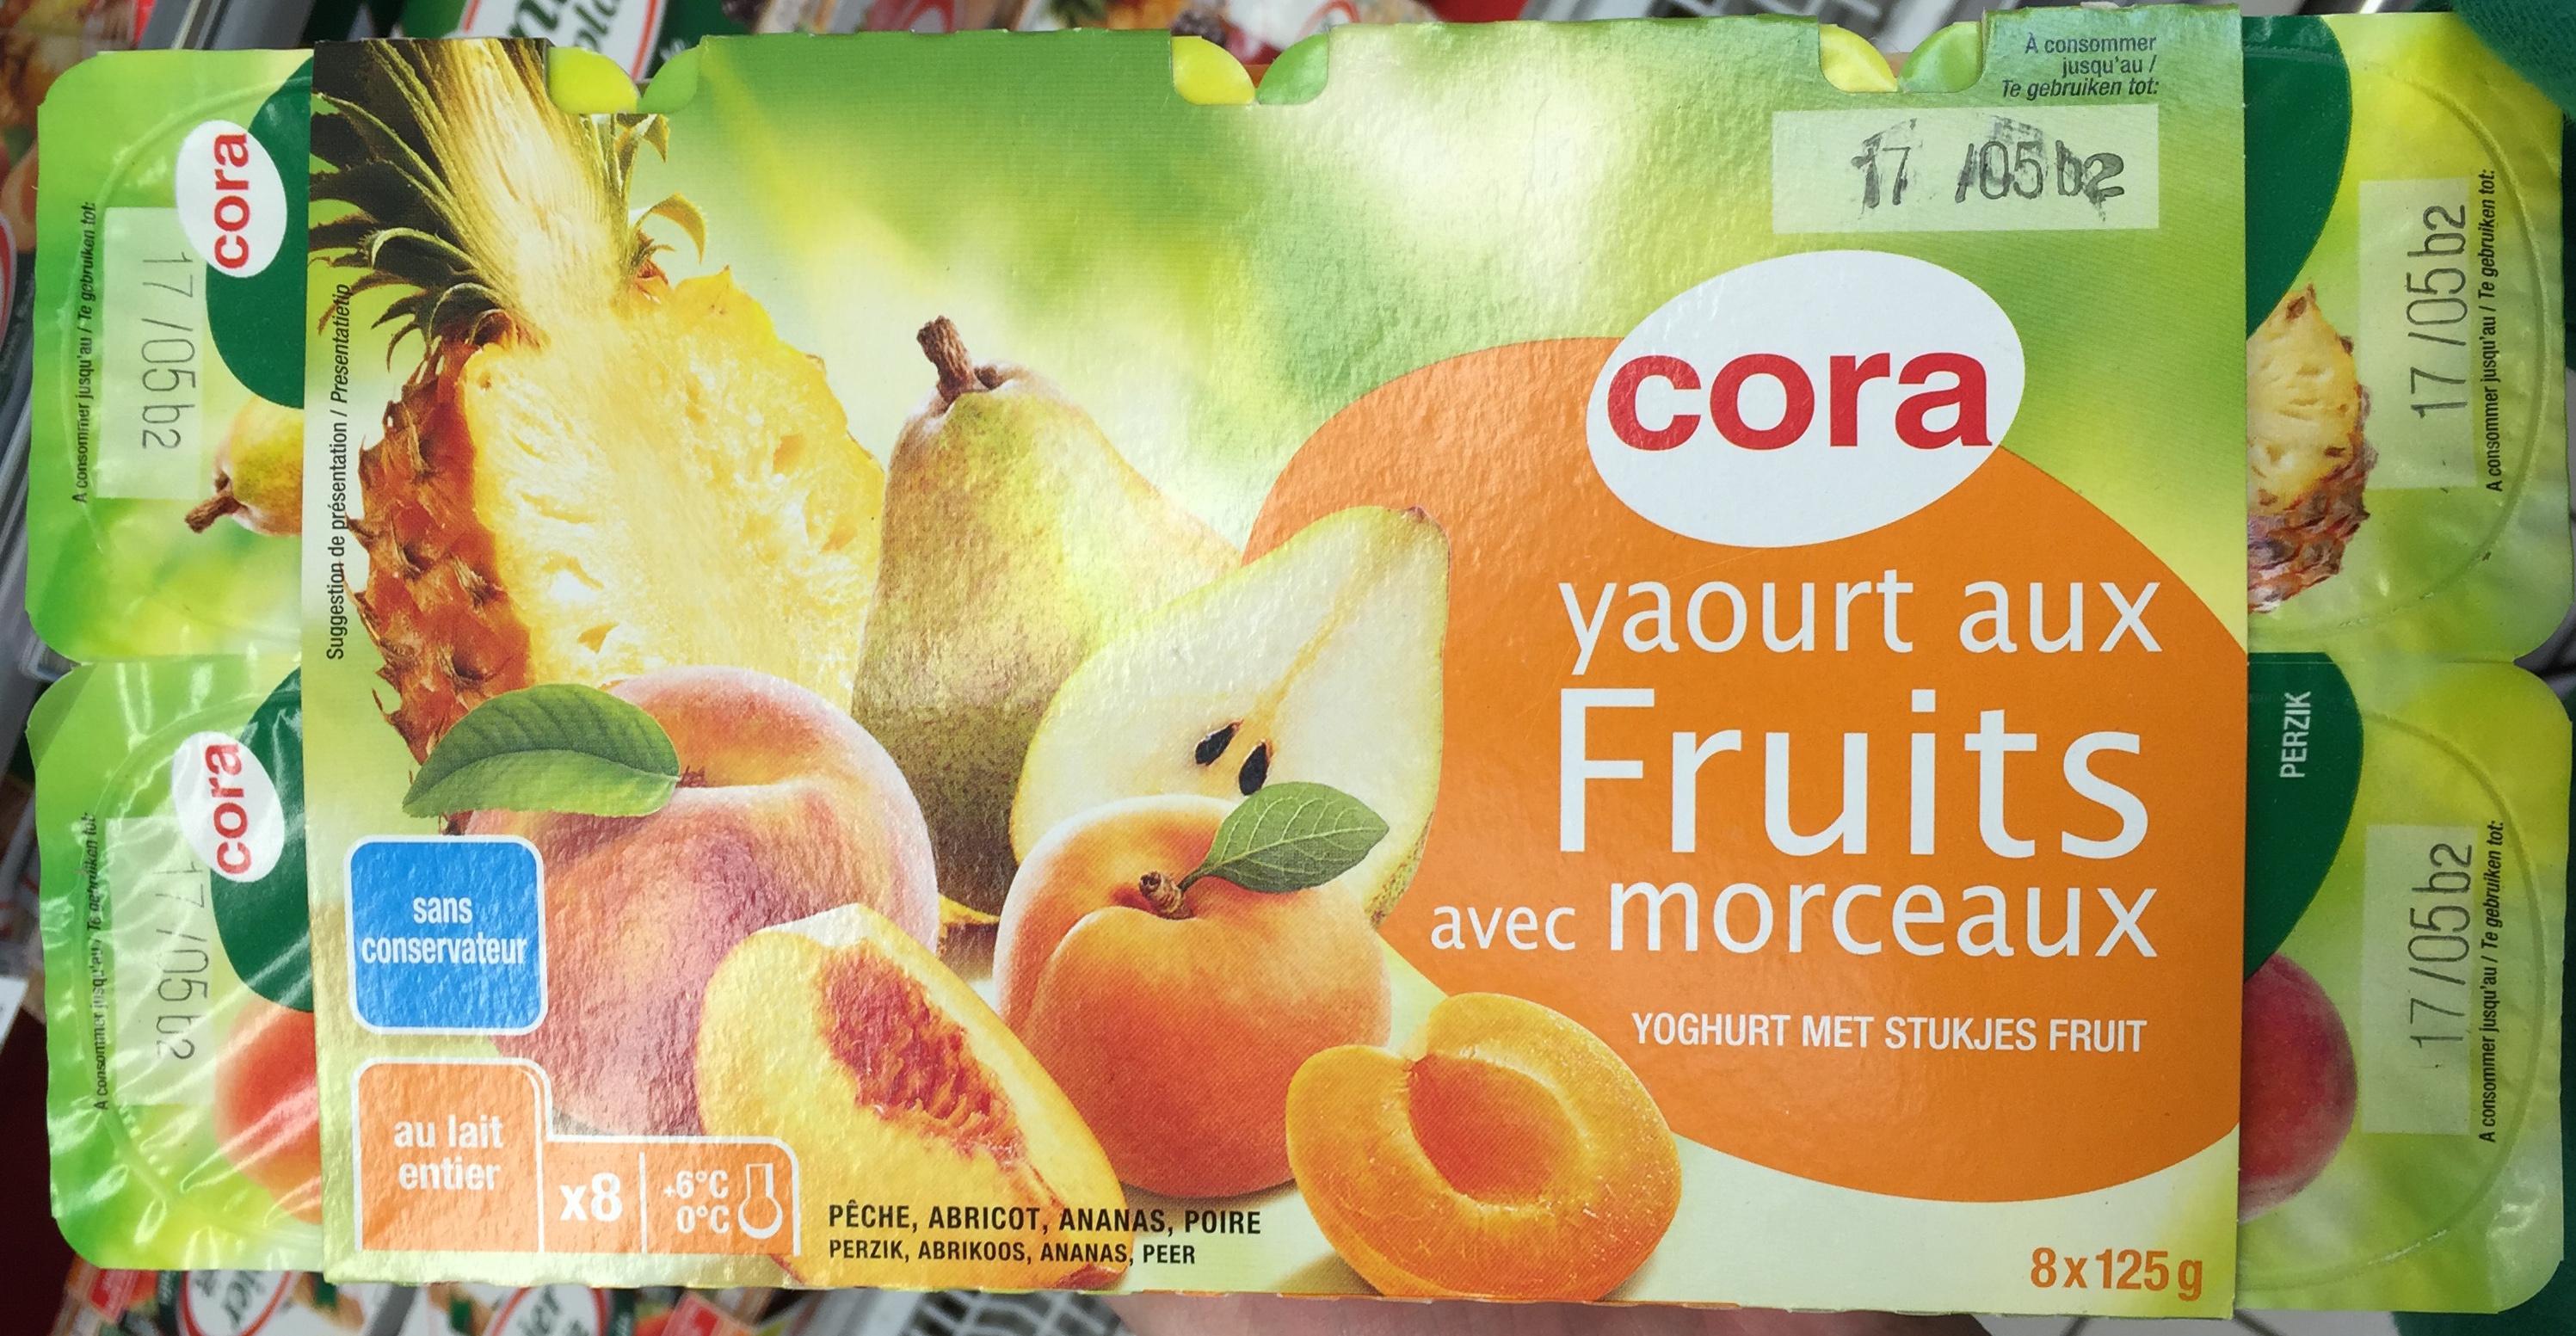 Yaourt aux Fruits avec Morceaux - Product - fr